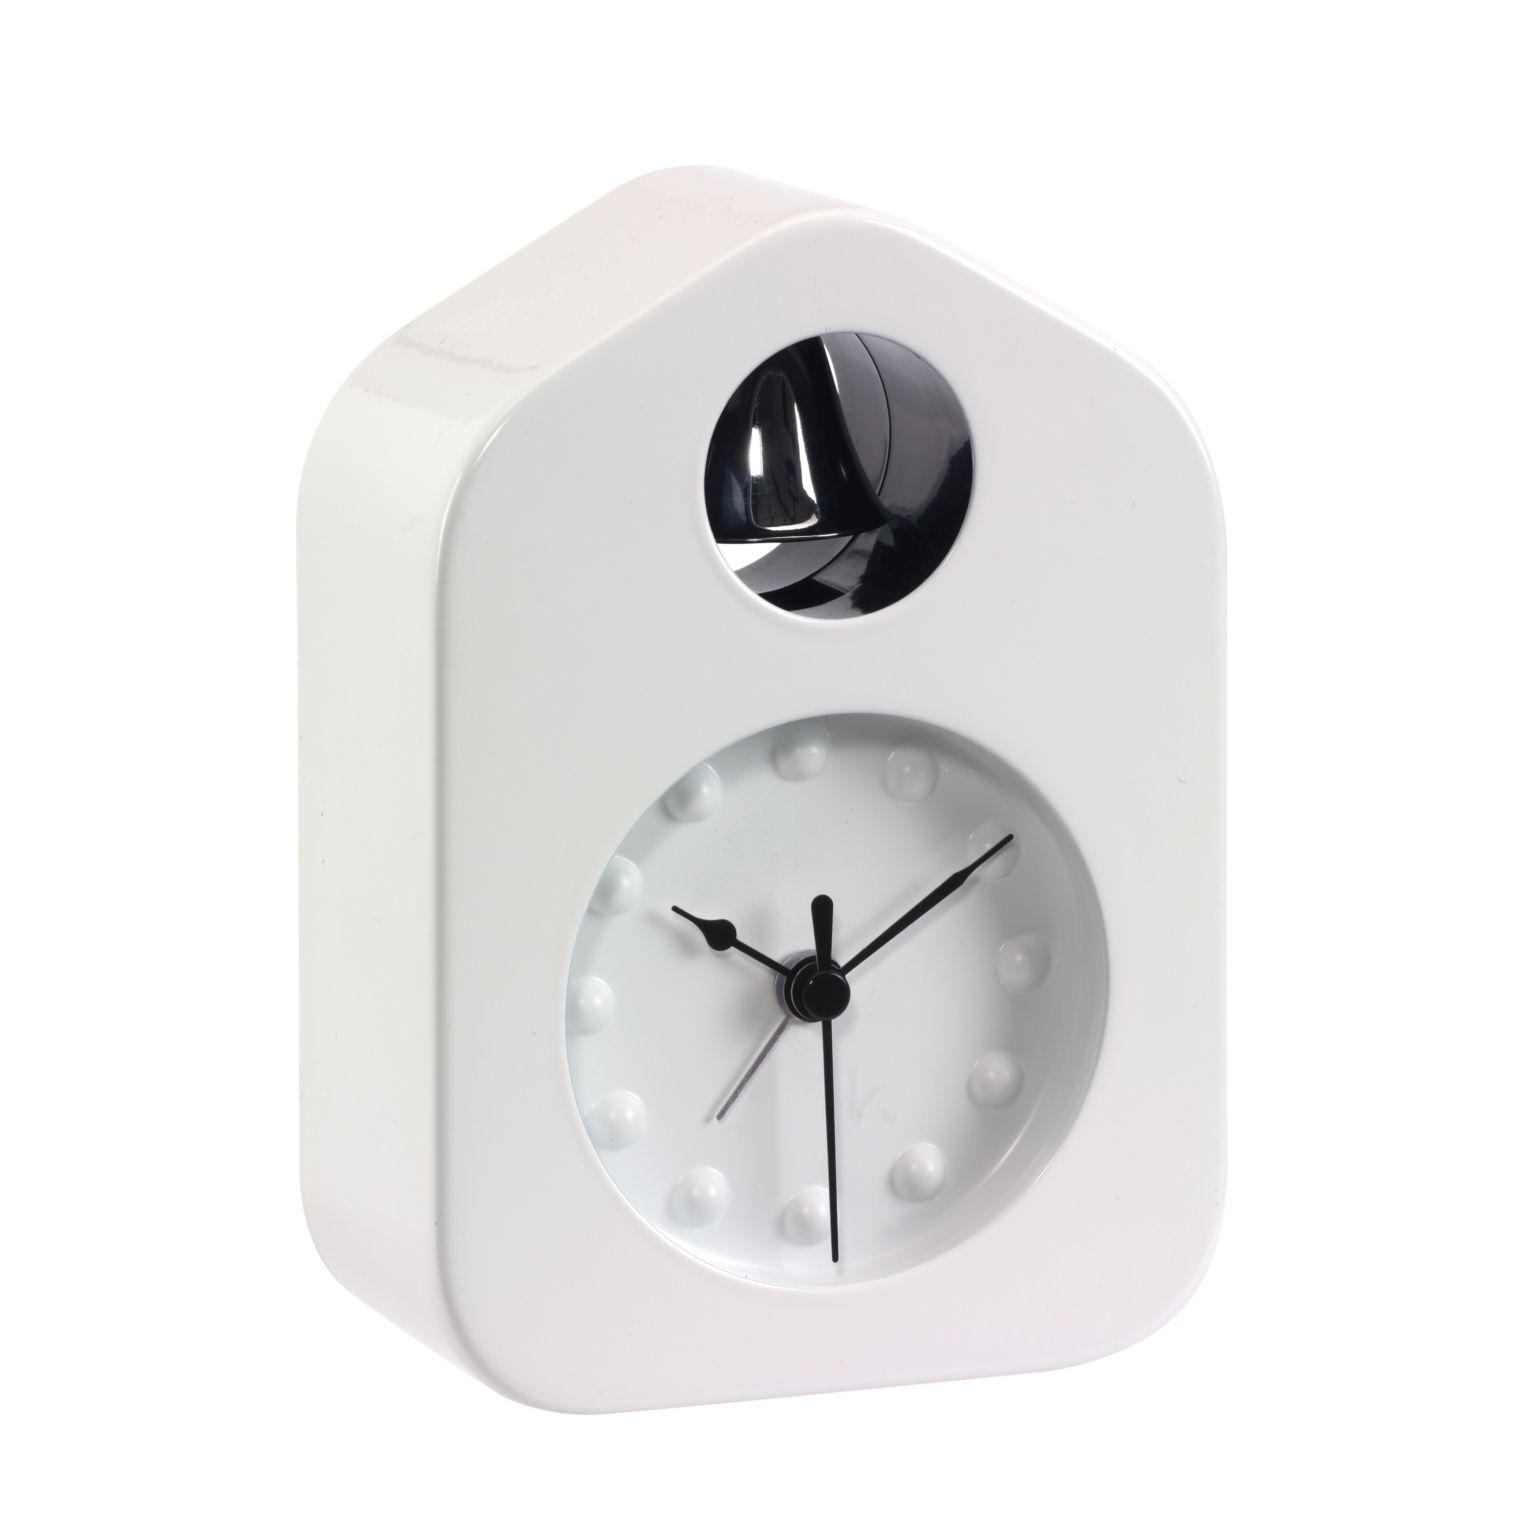 Horloge de table BELL